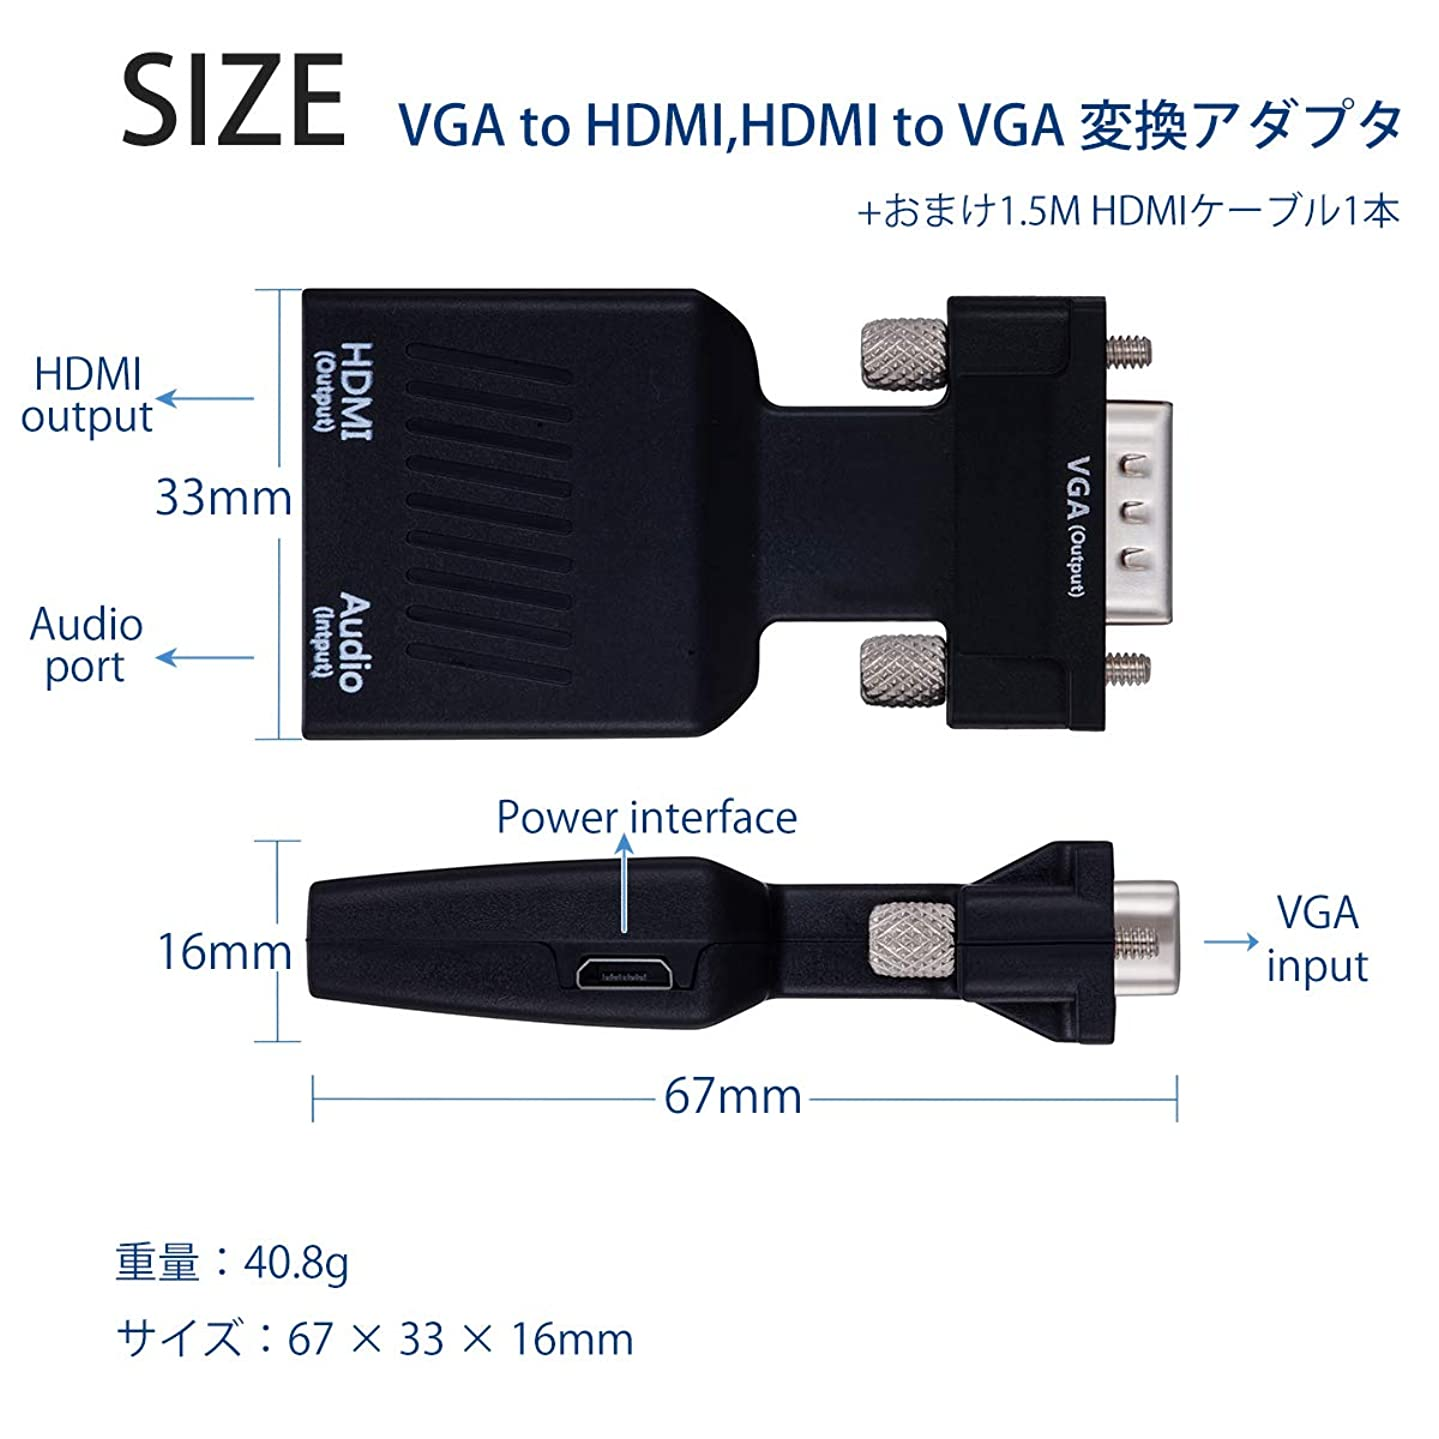 トランペット司法ヒューマニスティックWavlink USB2.0のVGA/ DVI/ HDMIマルチディスプレイアダプタ グラフィックス?アダプタ、複数モニタを最高解像度 1920×1080まで接続(最高級のDisplayLink社DL-165チップセット採用、Windows 10/8.1/8/7/XP/Mac OS X /Linux対応)